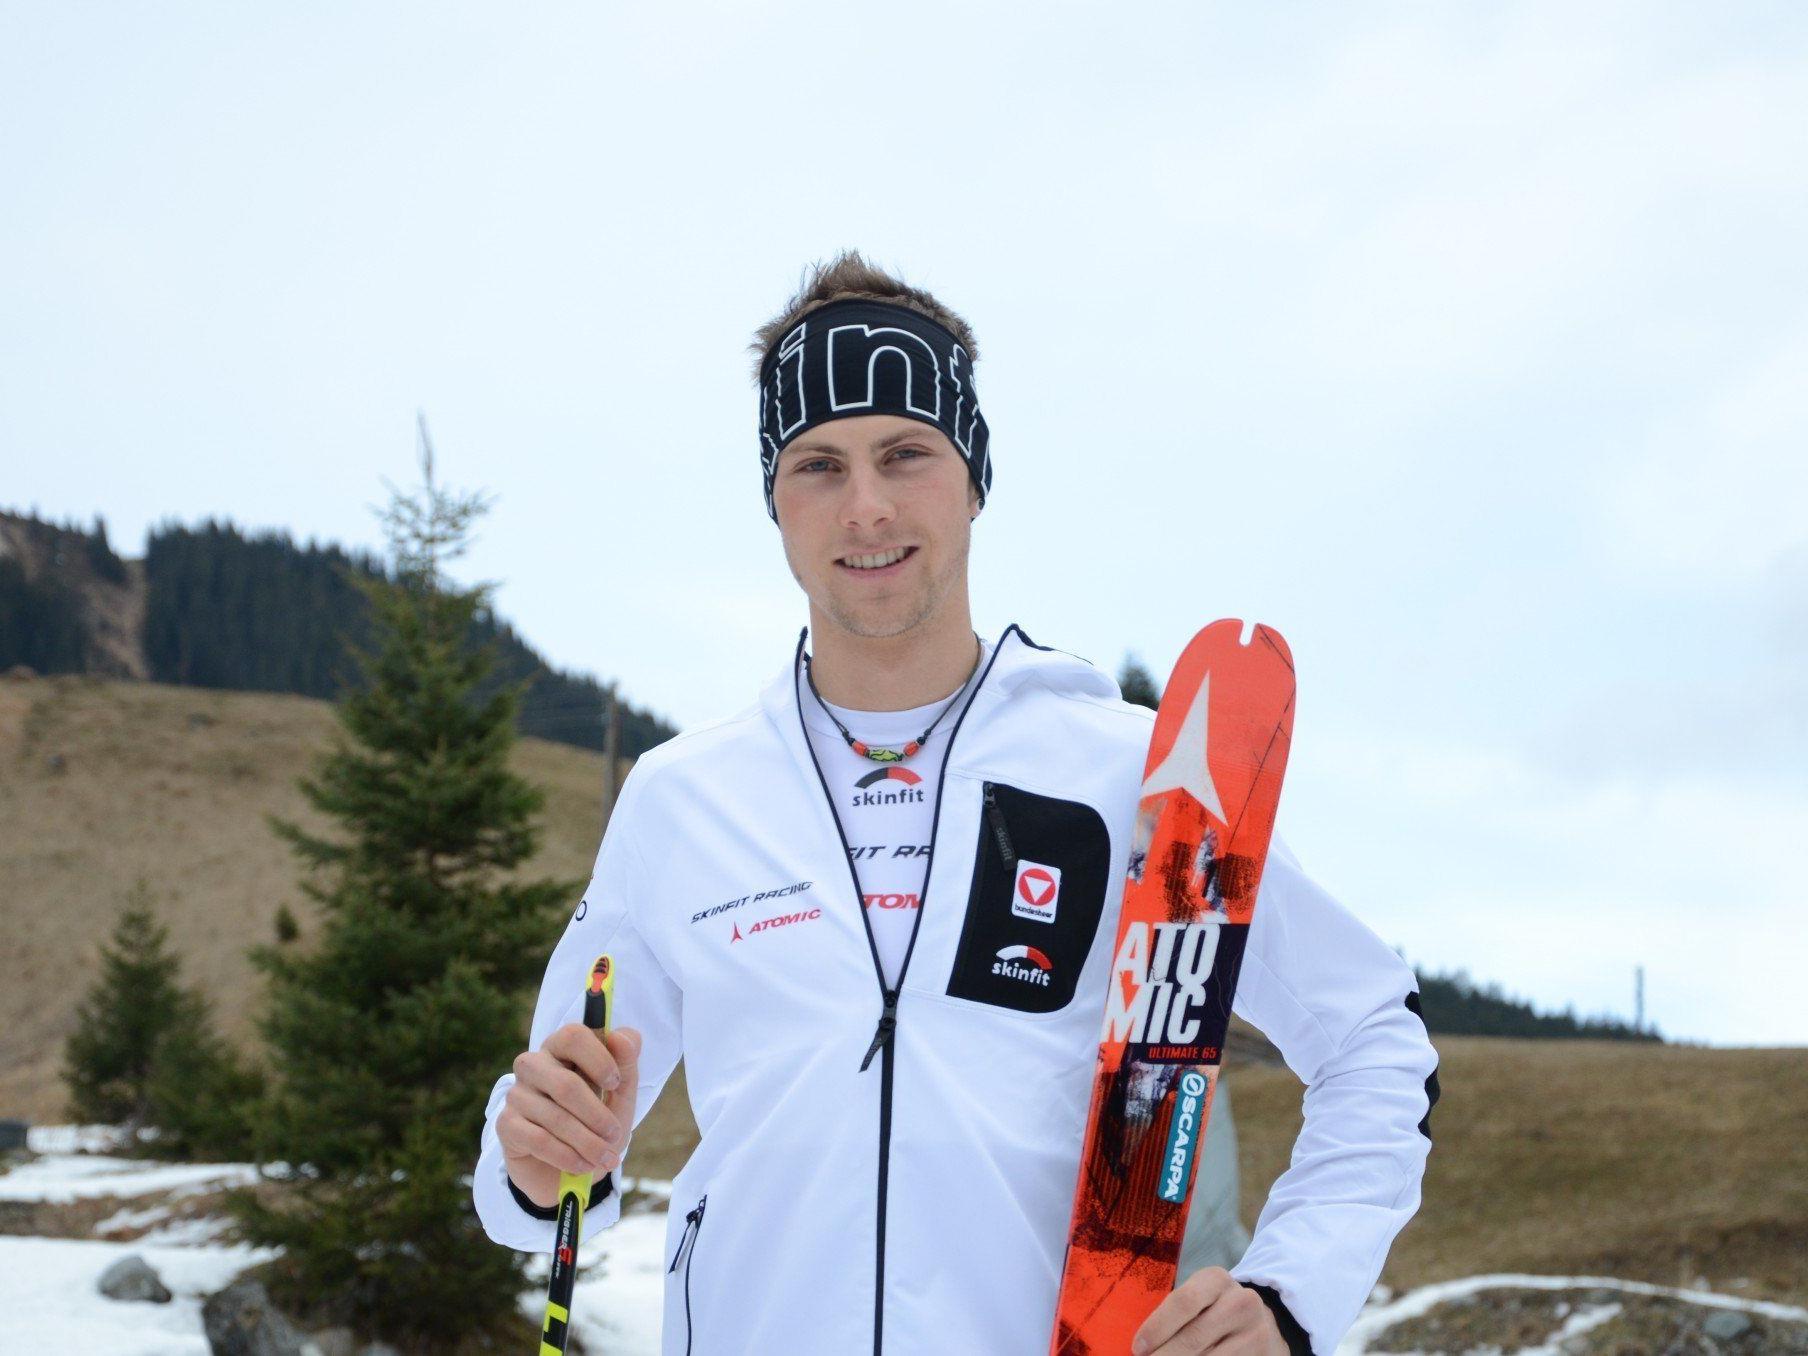 Der 20-jährige St. Gallenkircher Daniel Zugg schafft mit der ÖM-Bronzenen das Ticket für die EM in Andorra.